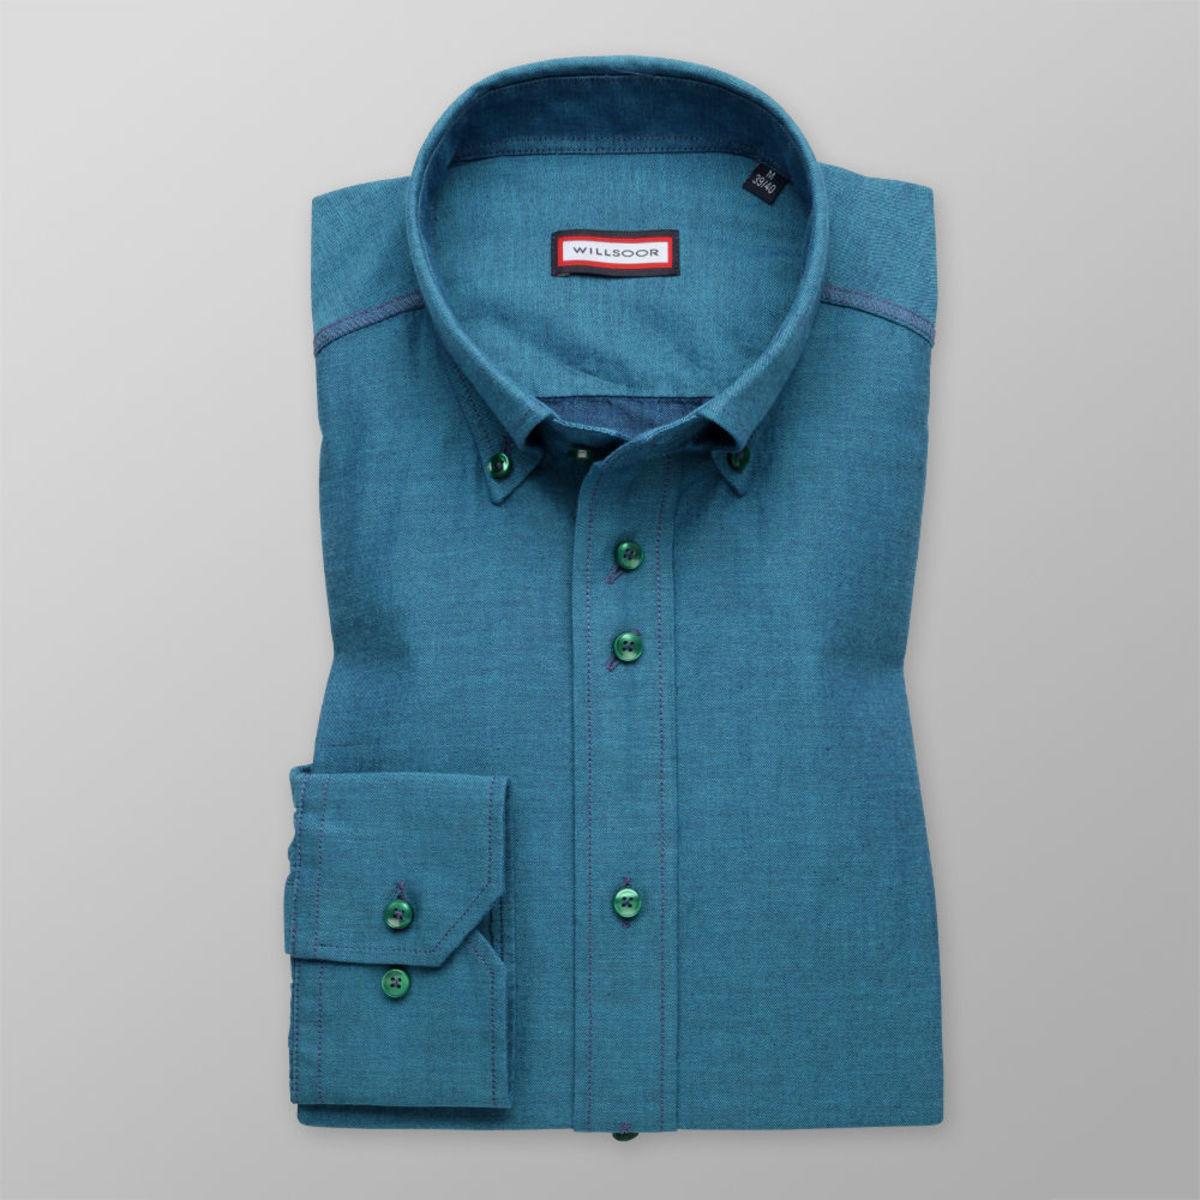 Pánska klasická košeľa (výška 176-182) 8492 v tyrkysovo modré farbe 176-182 / XL (43/44)